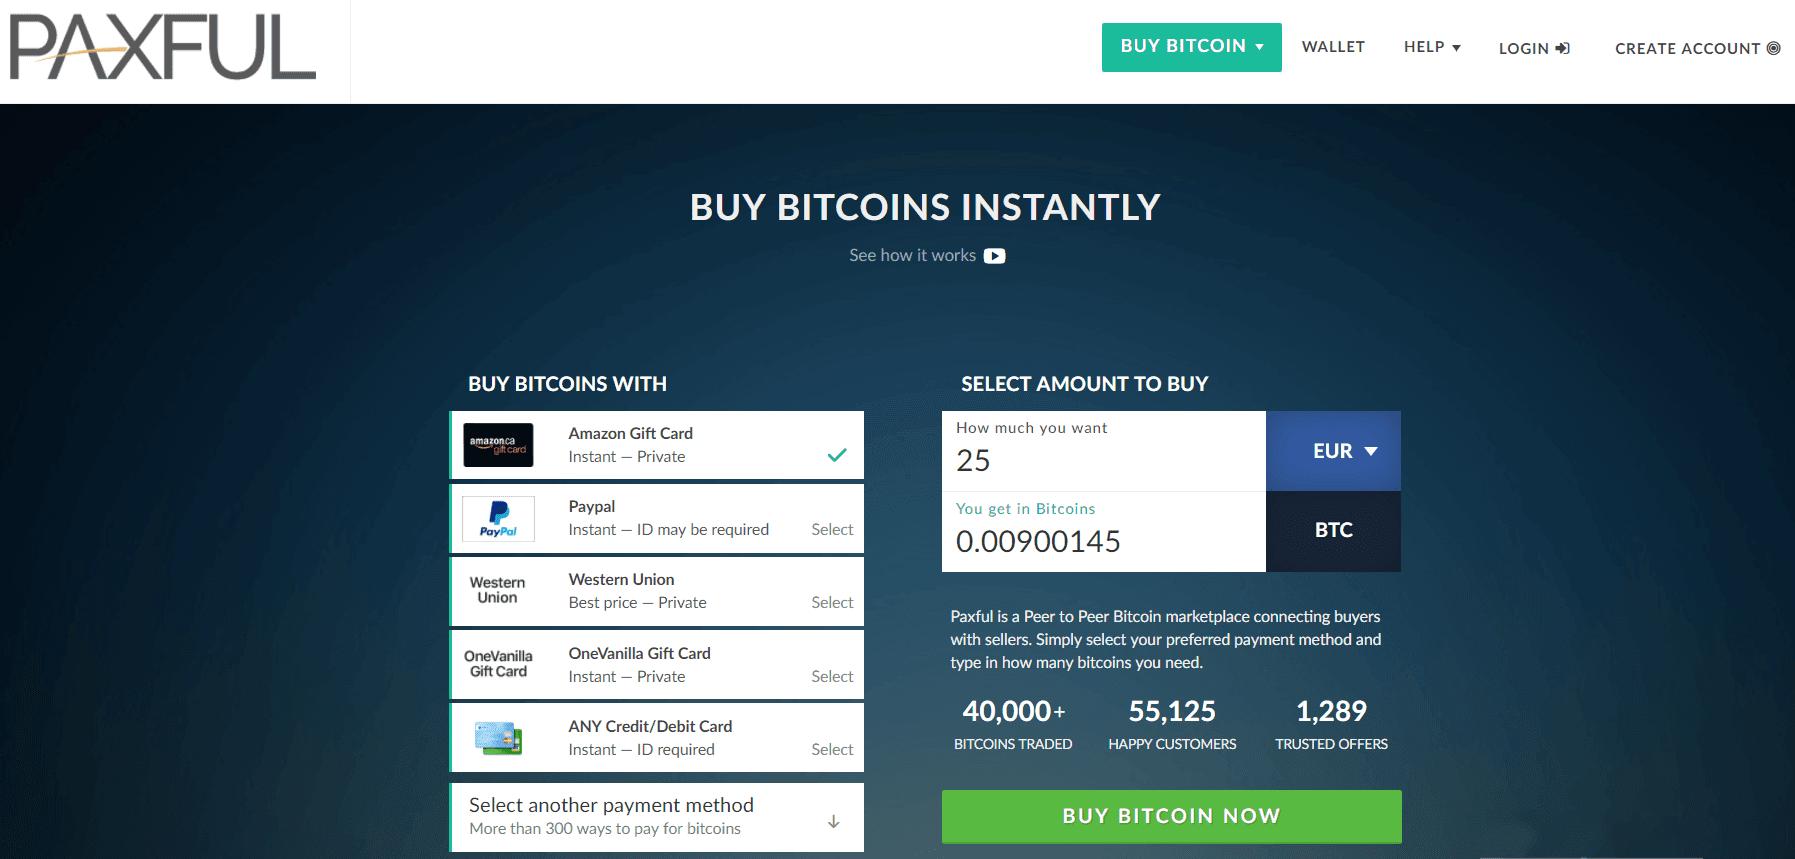 the bitcoin center